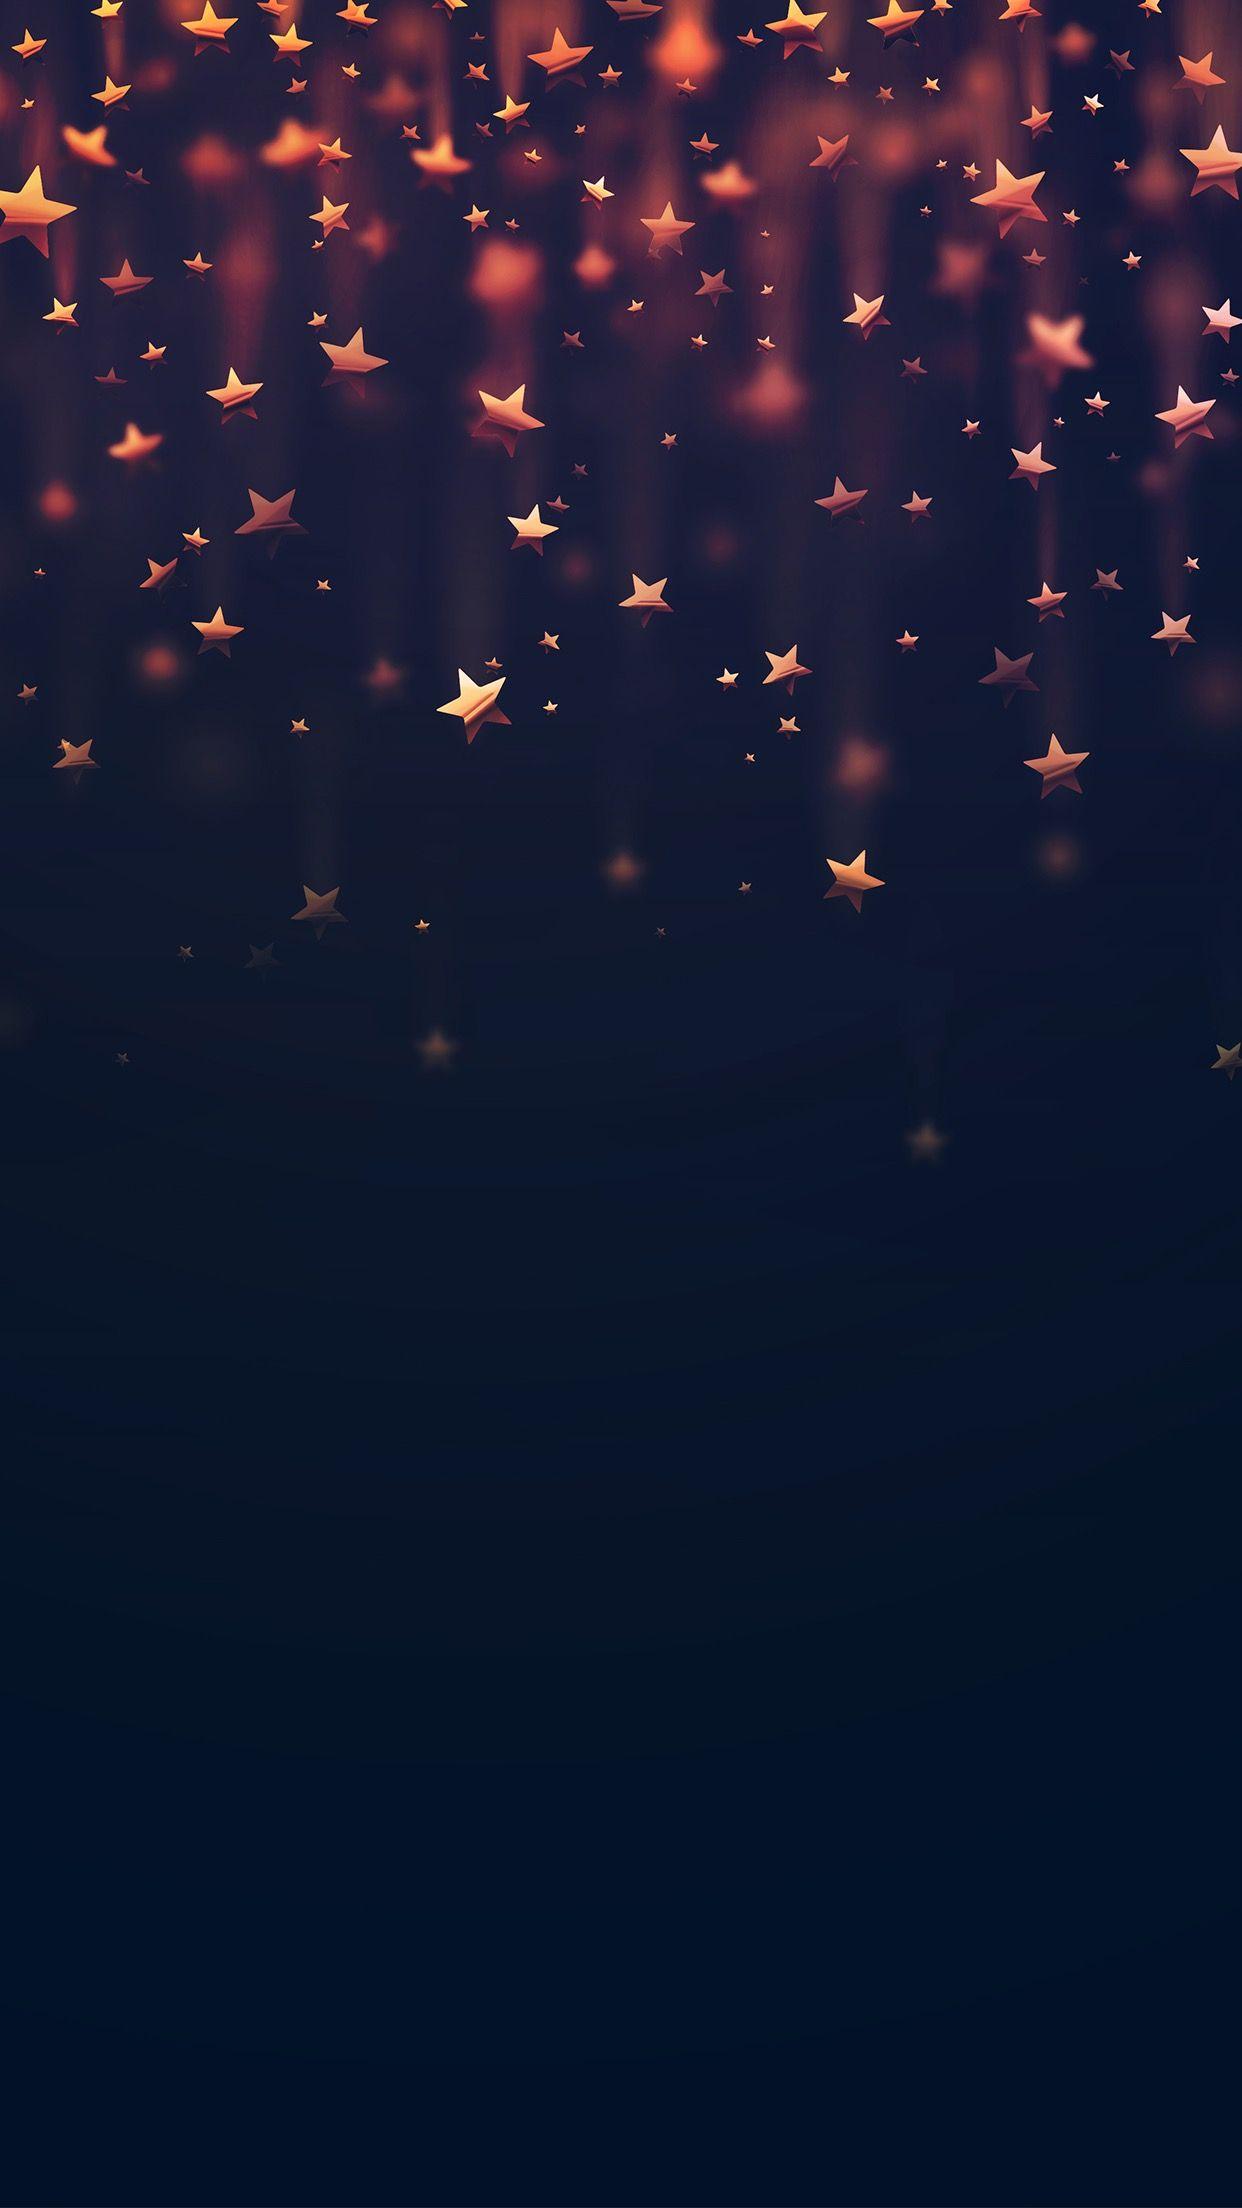 Cellphone Wallpaper Star wallpaper, Cellphone wallpaper